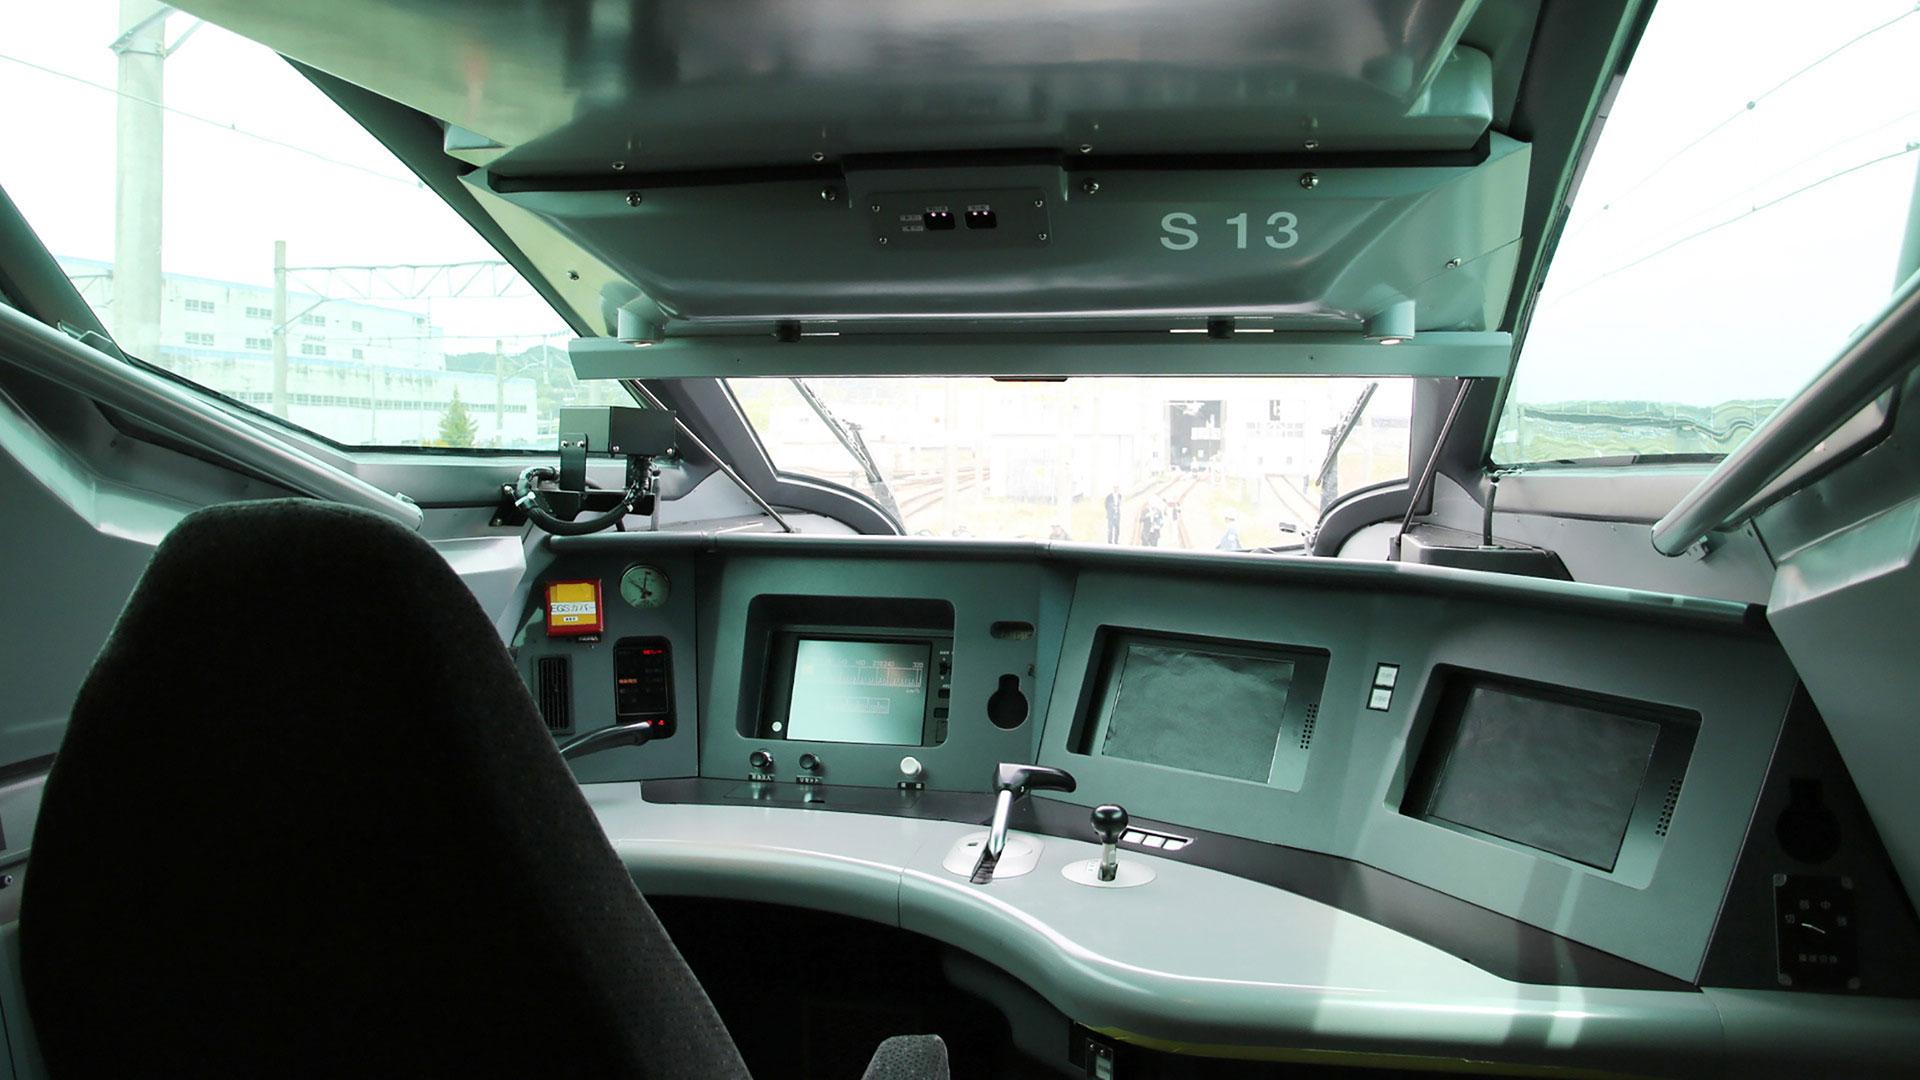 Japón prueba un tren bala récord en vías férreas tradicionales: puede  alcanzar los 400 kilómetros por hora - Infobae